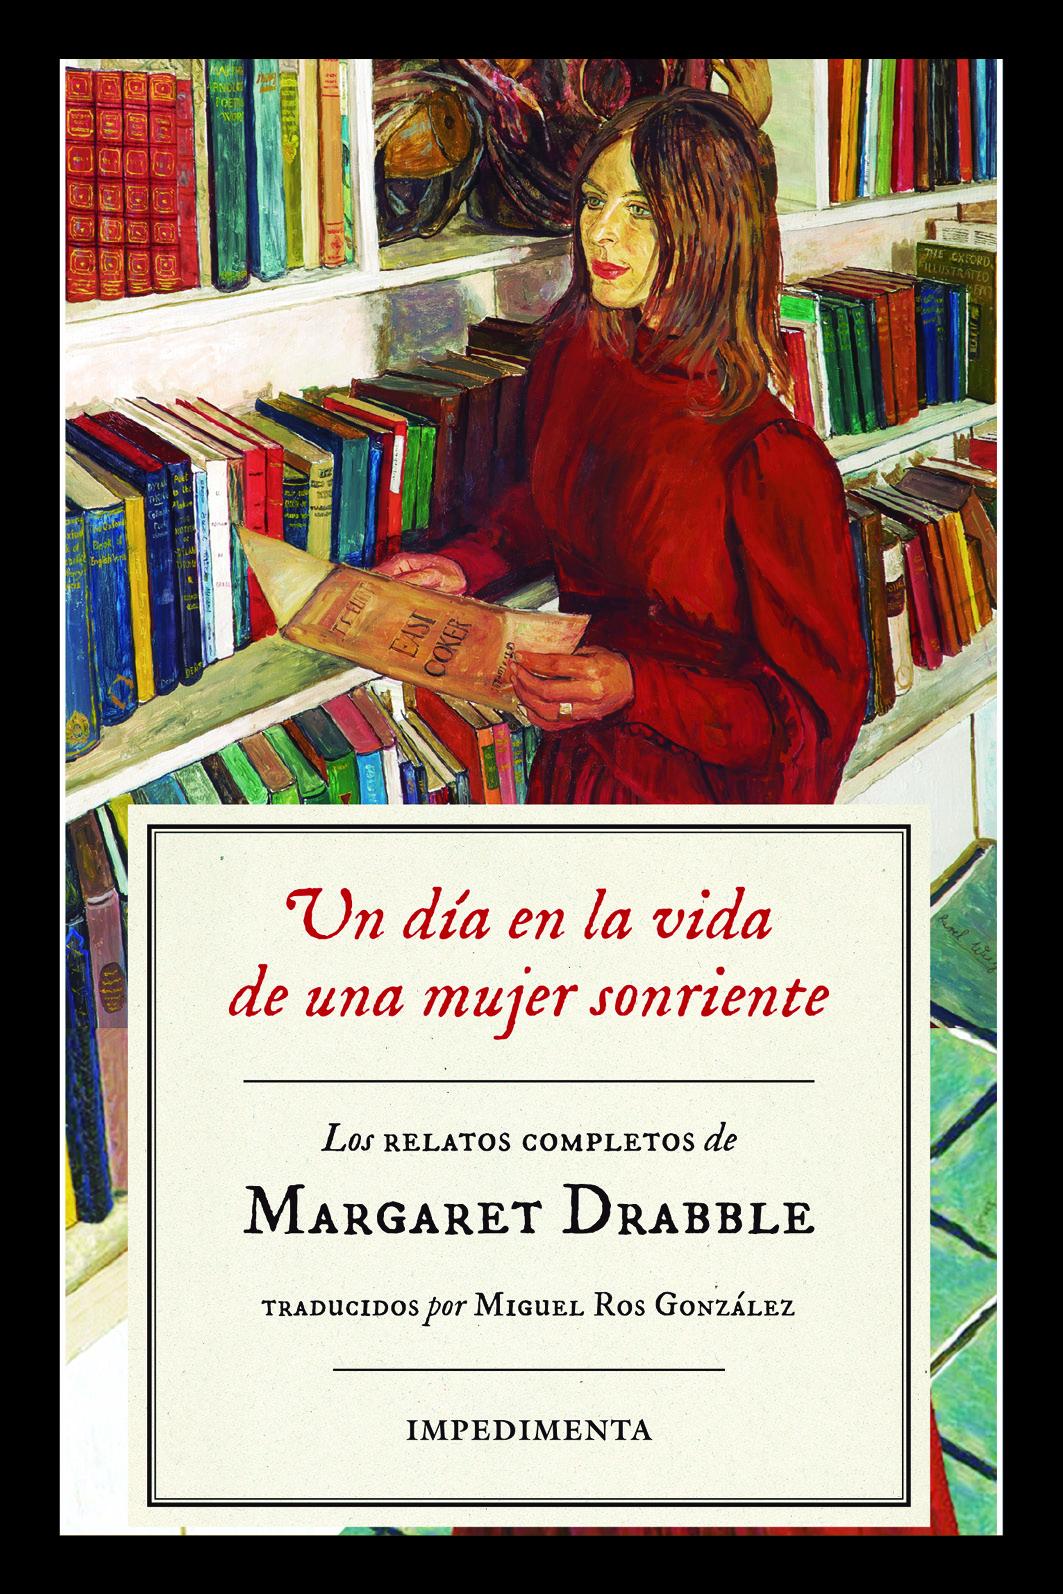 Los mejores cuentos para despedir una primavera de ficción con Askildsen, Uhart, García Márquez, Rosero, Kusturica